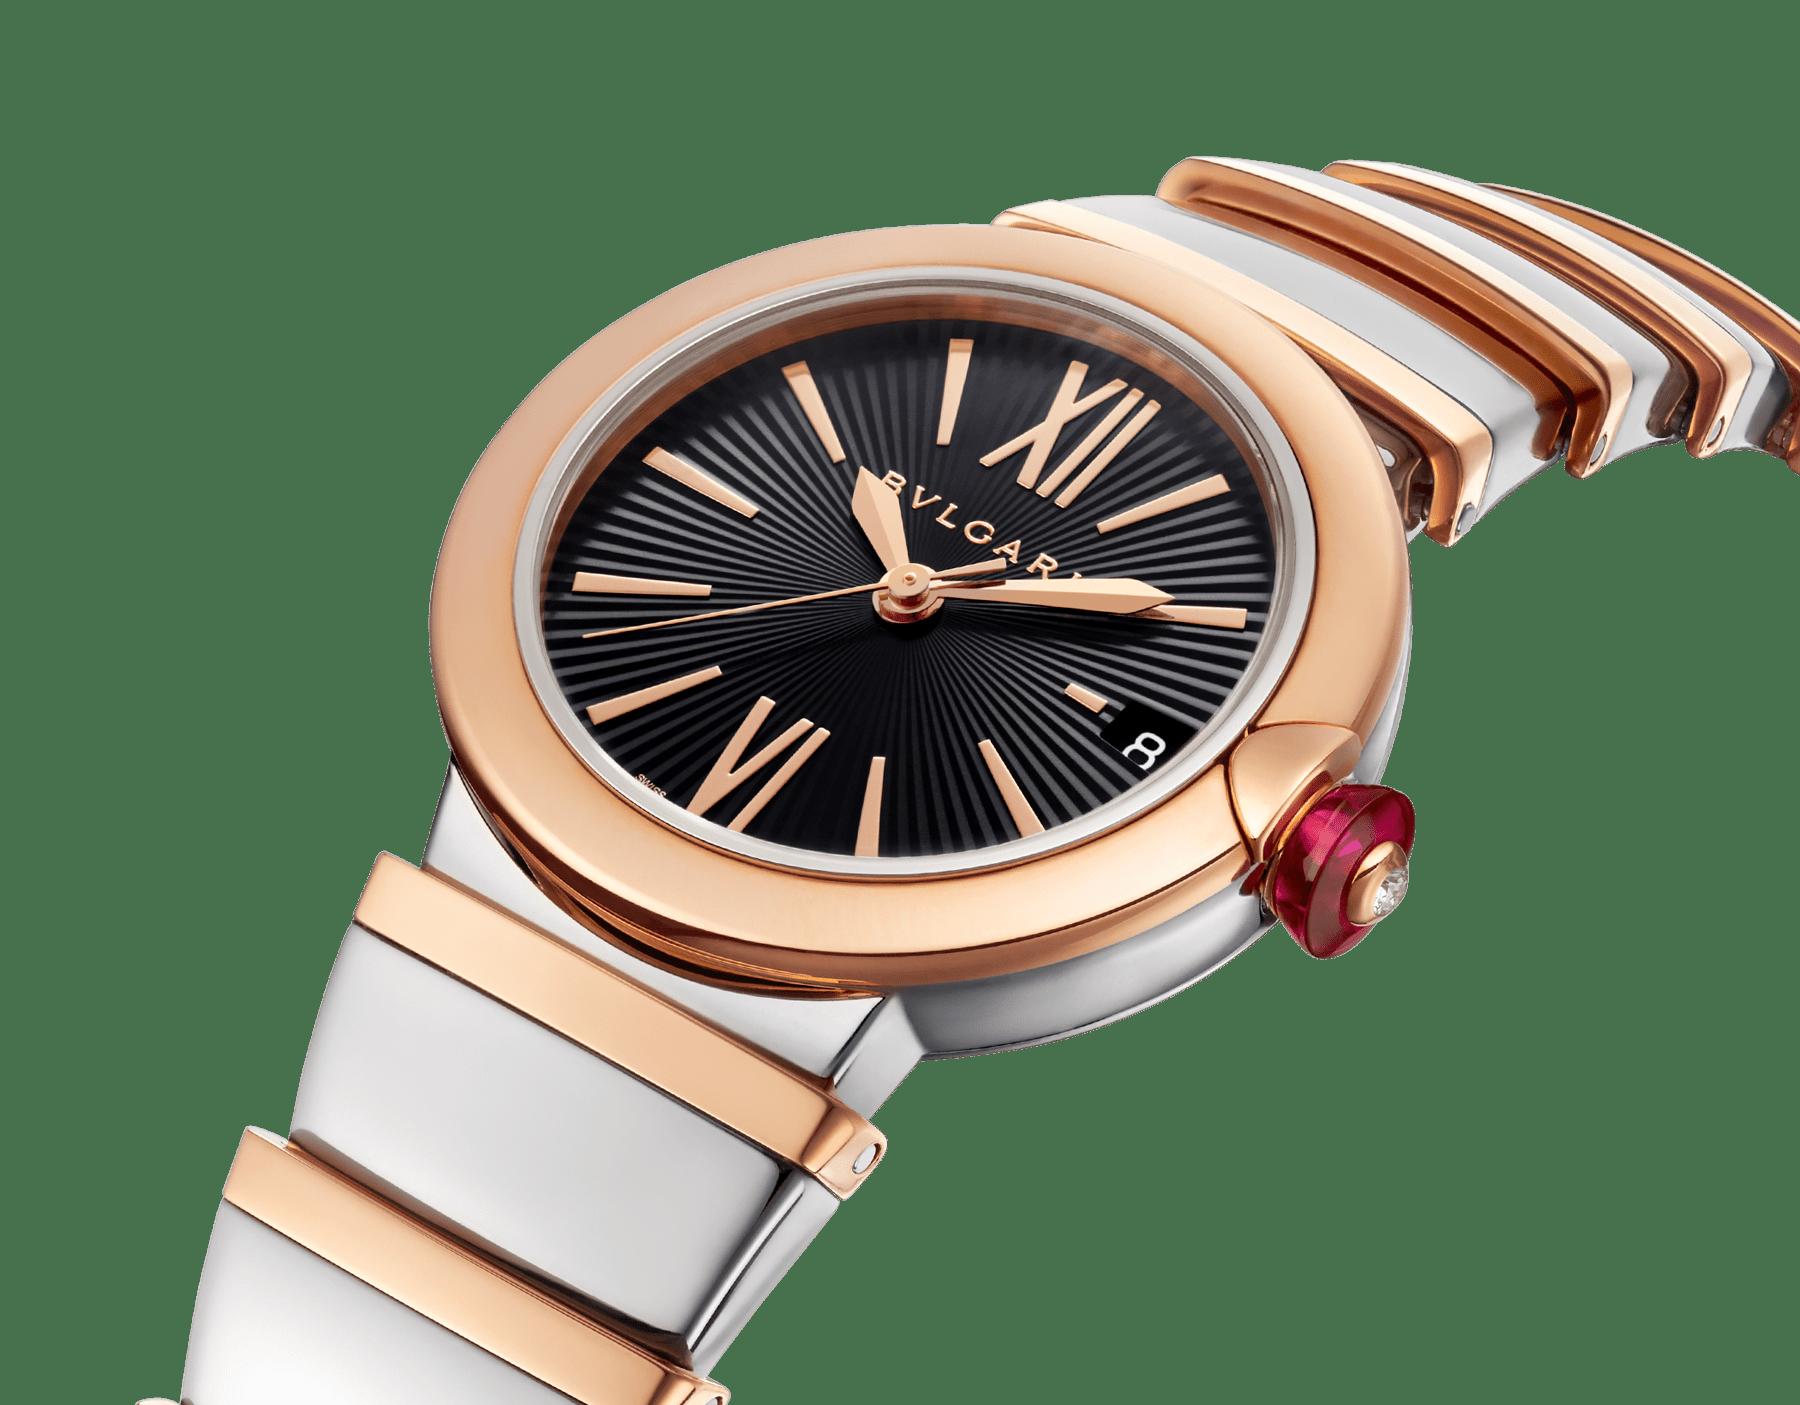 LVCEA 腕錶,18K 玫瑰金和精鋼錶殼及錶帶,黑色蛋白石錶盤。 102192 image 2